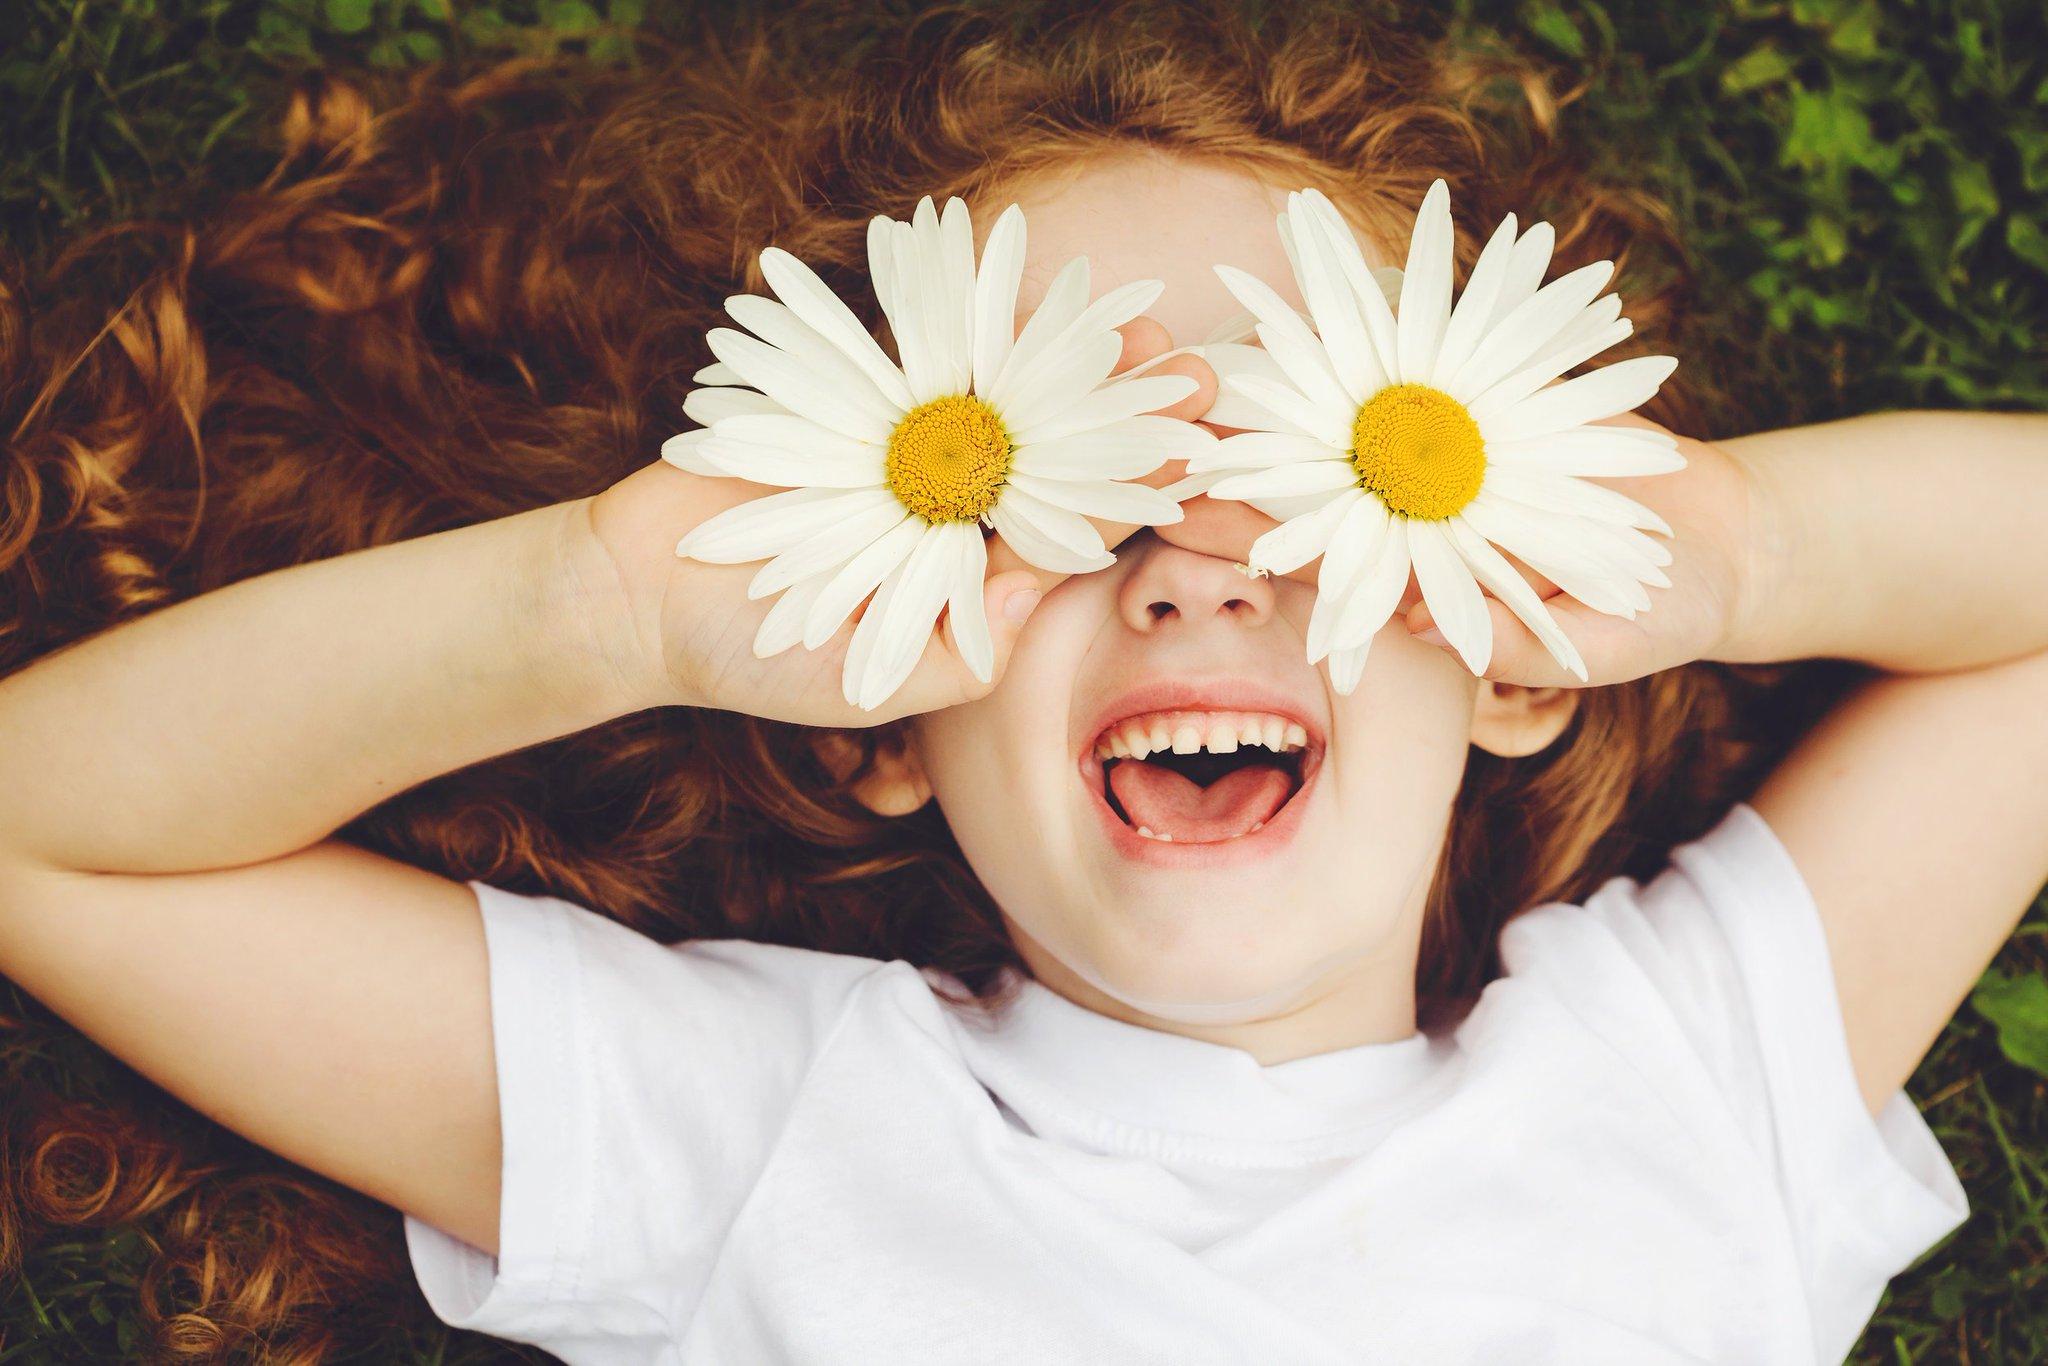 картинки позитива и радости на весь нас